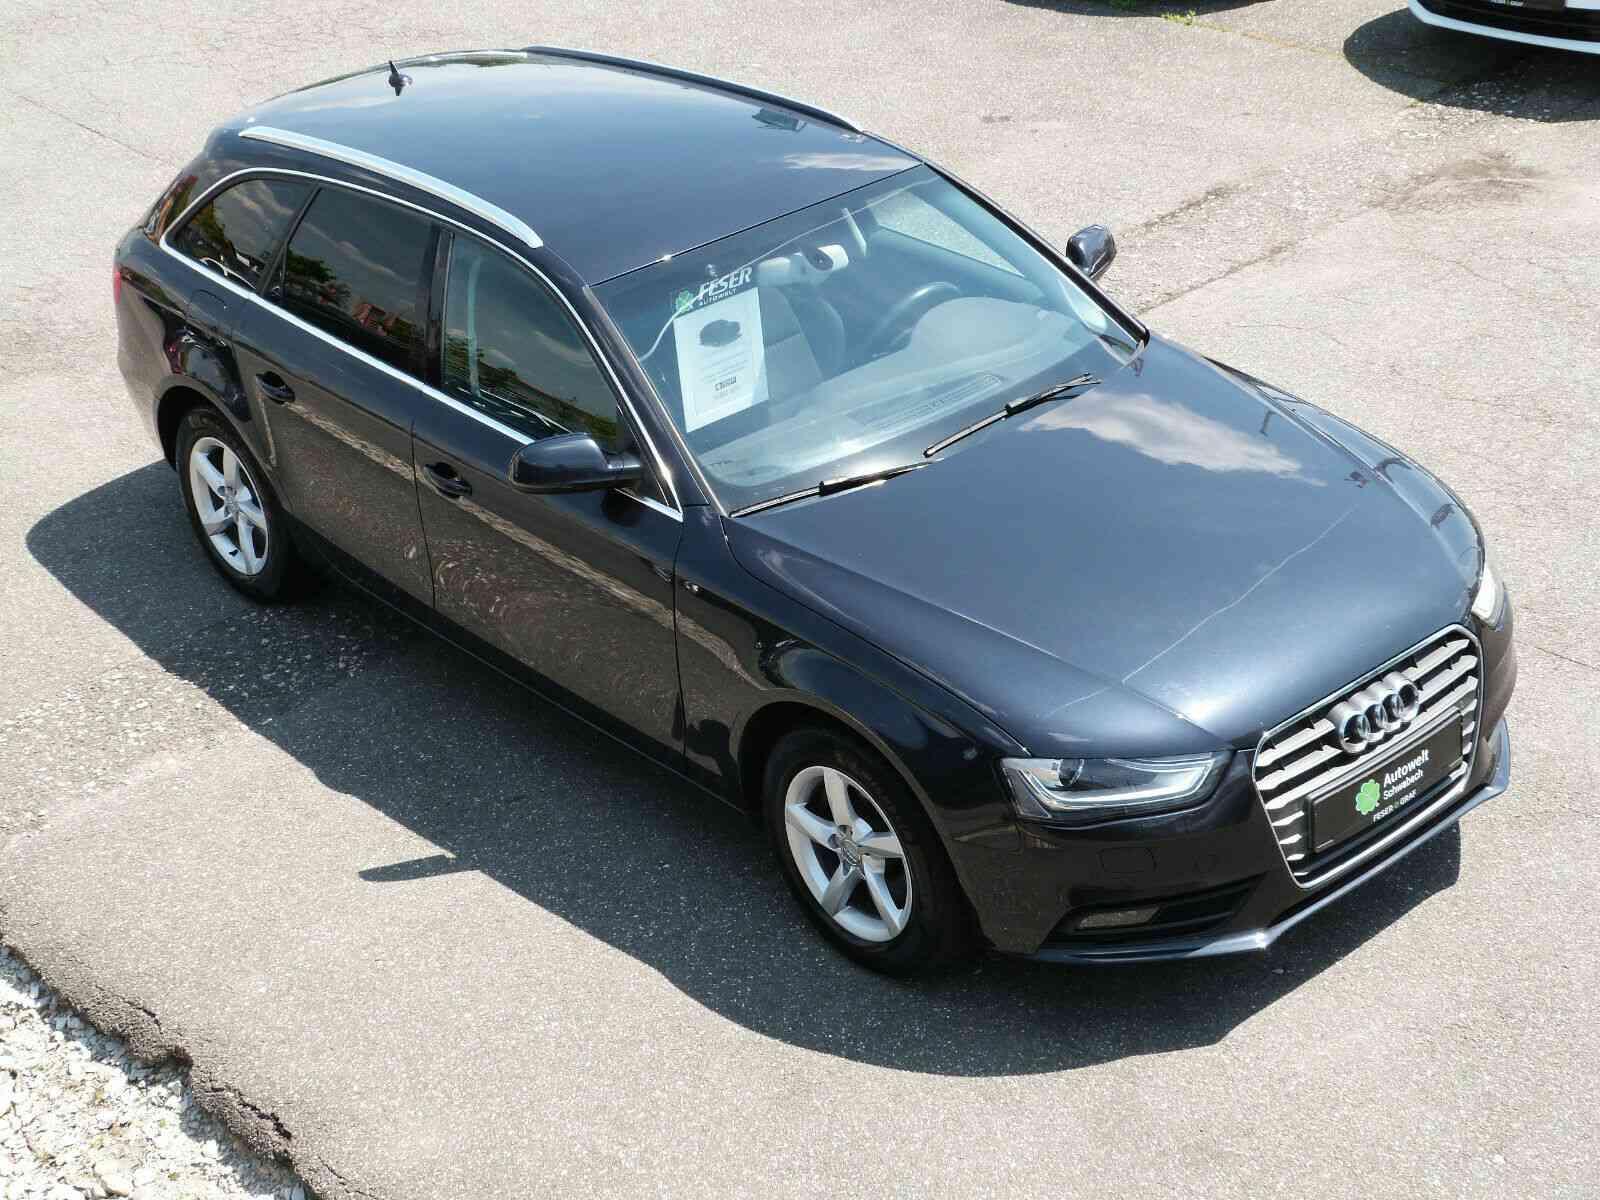 Audi A4 Avant 2.0 TDI Ambiente NAVI XENON PDC SHZ, Jahr 2014, Diesel